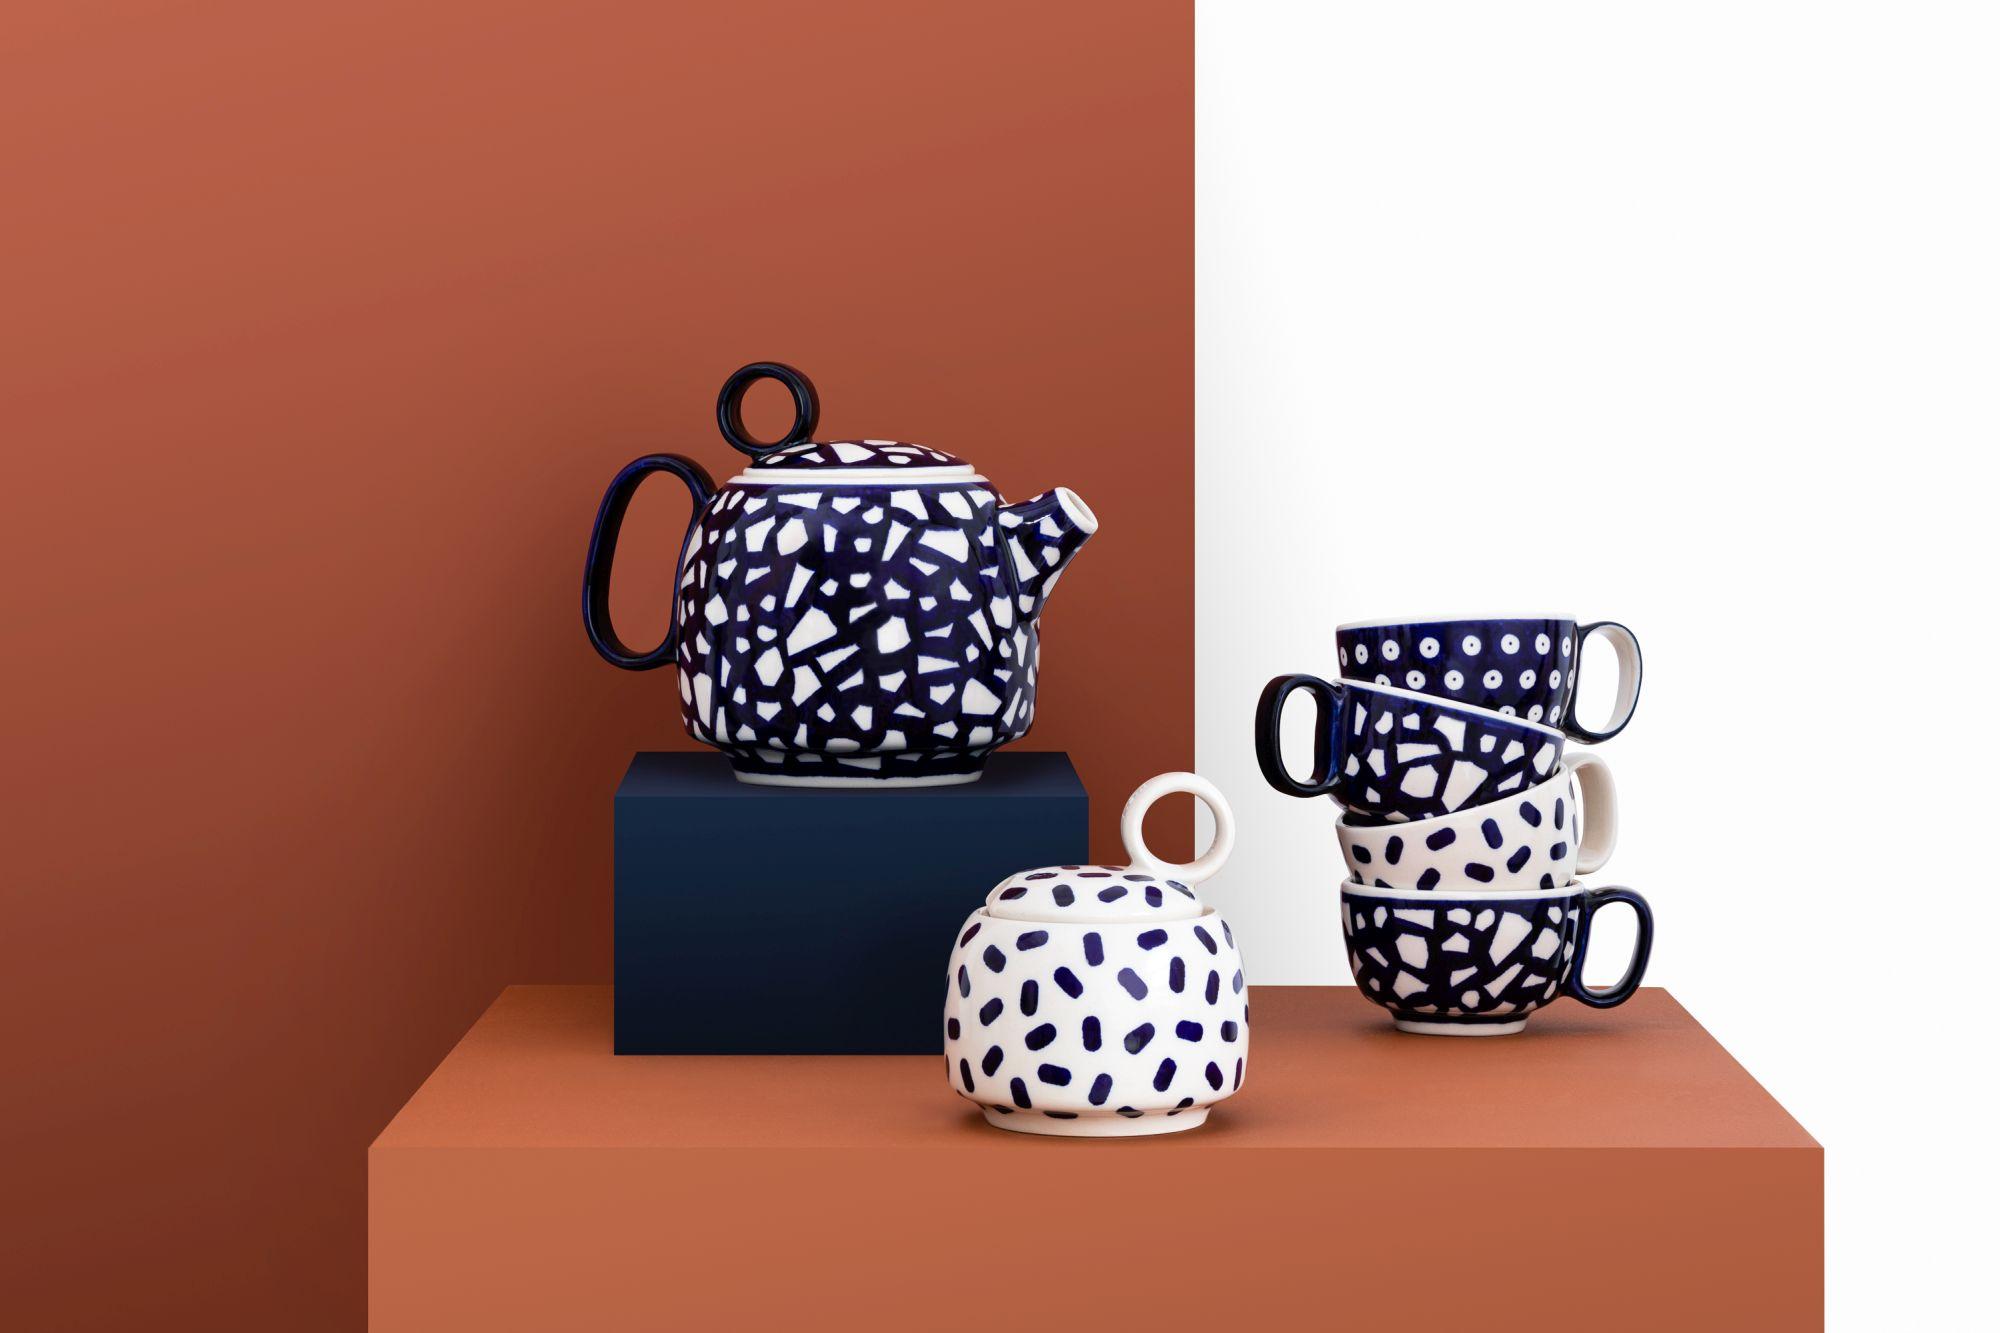 zestaw kawowo - herbaciany jeden z najlepszych polskich produktów